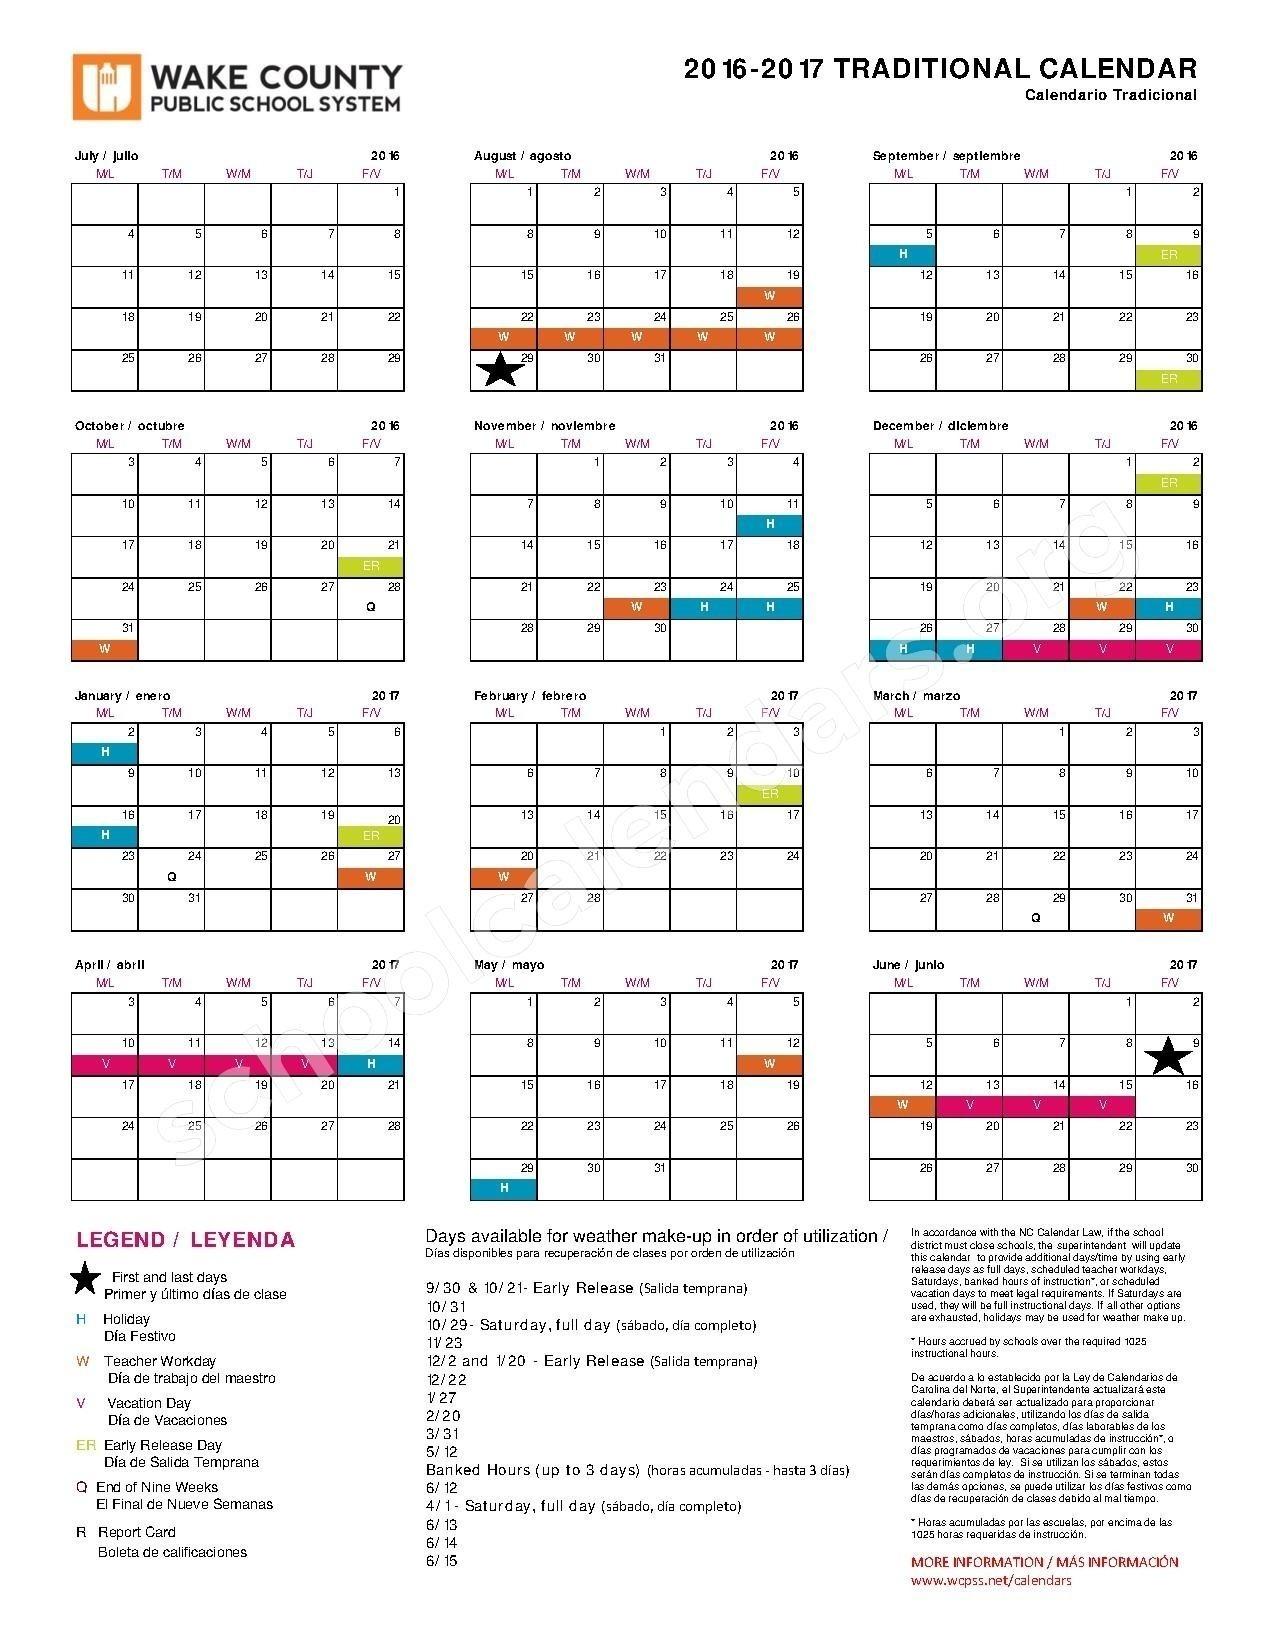 Wcpss Calendar Dienlanhvinhphuc Throughout Wcpss Pay Calendar 2018